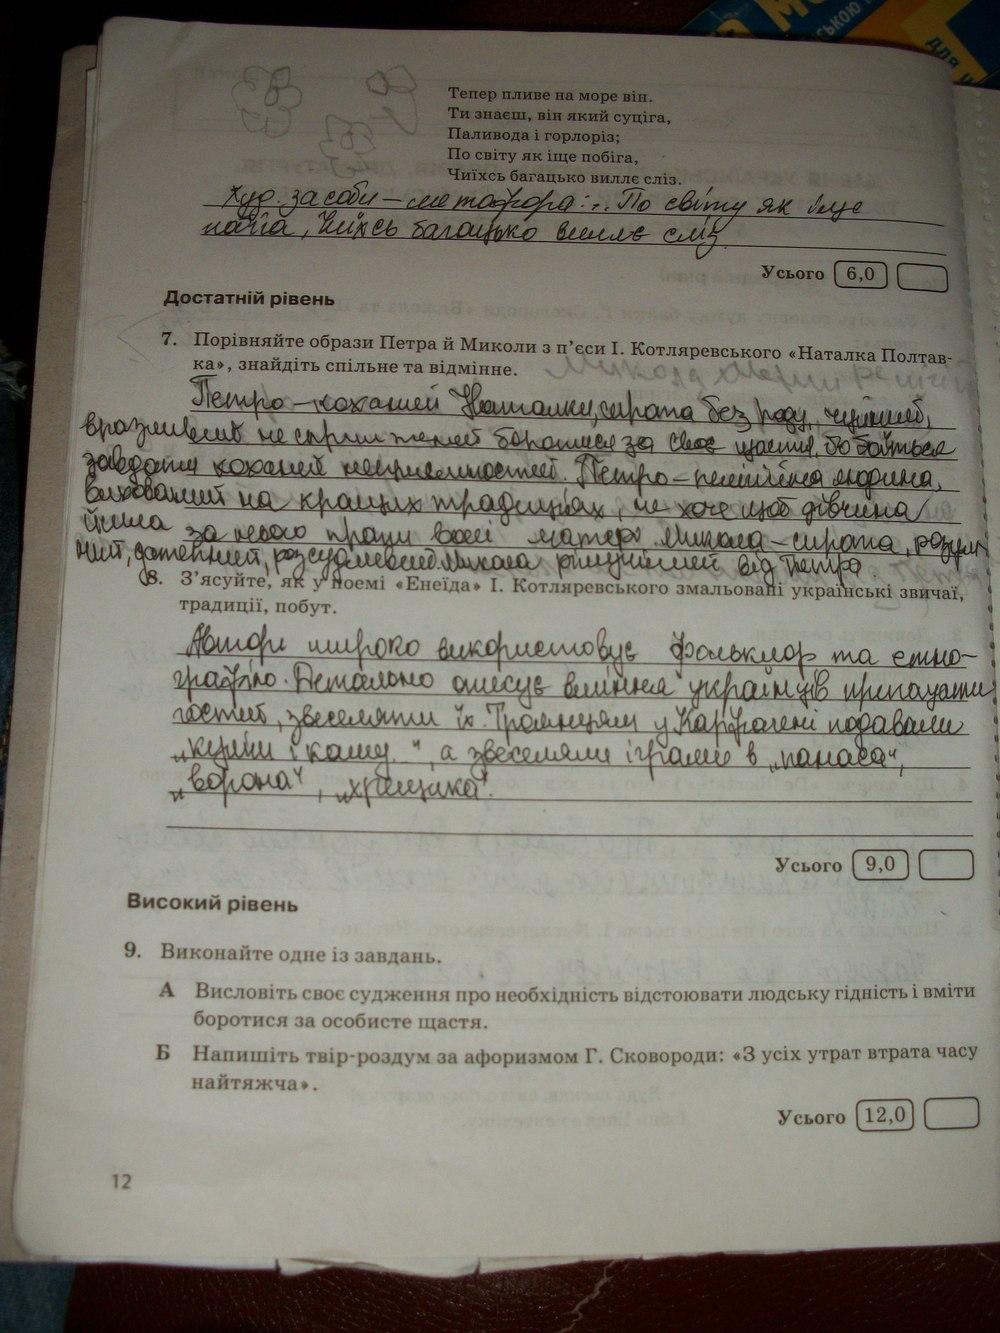 ГДЗ відповіді робочий зошит по литературе 9 класс В.В. Паращич. Задание: стр. 12